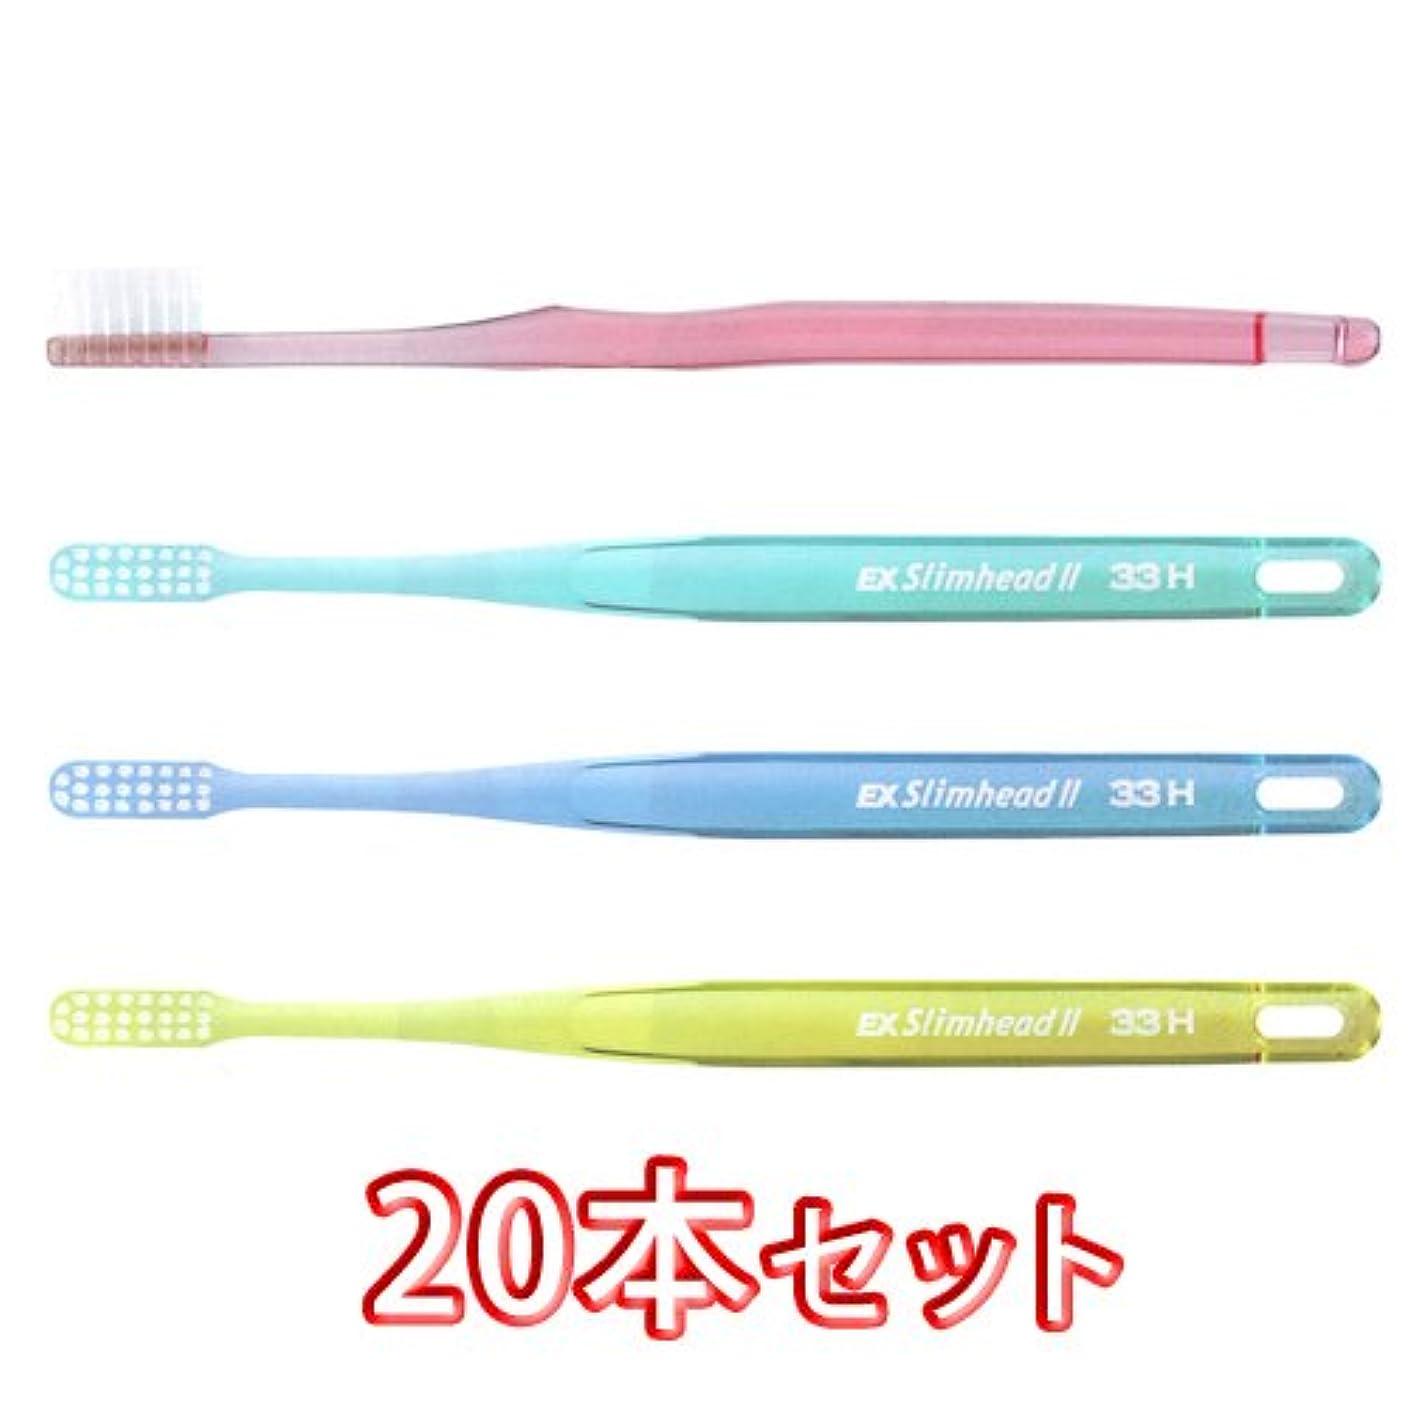 目覚める治安判事麦芽ライオン スリムヘッド2 歯ブラシ DENT . EX Slimhead2 20本入 (33H)